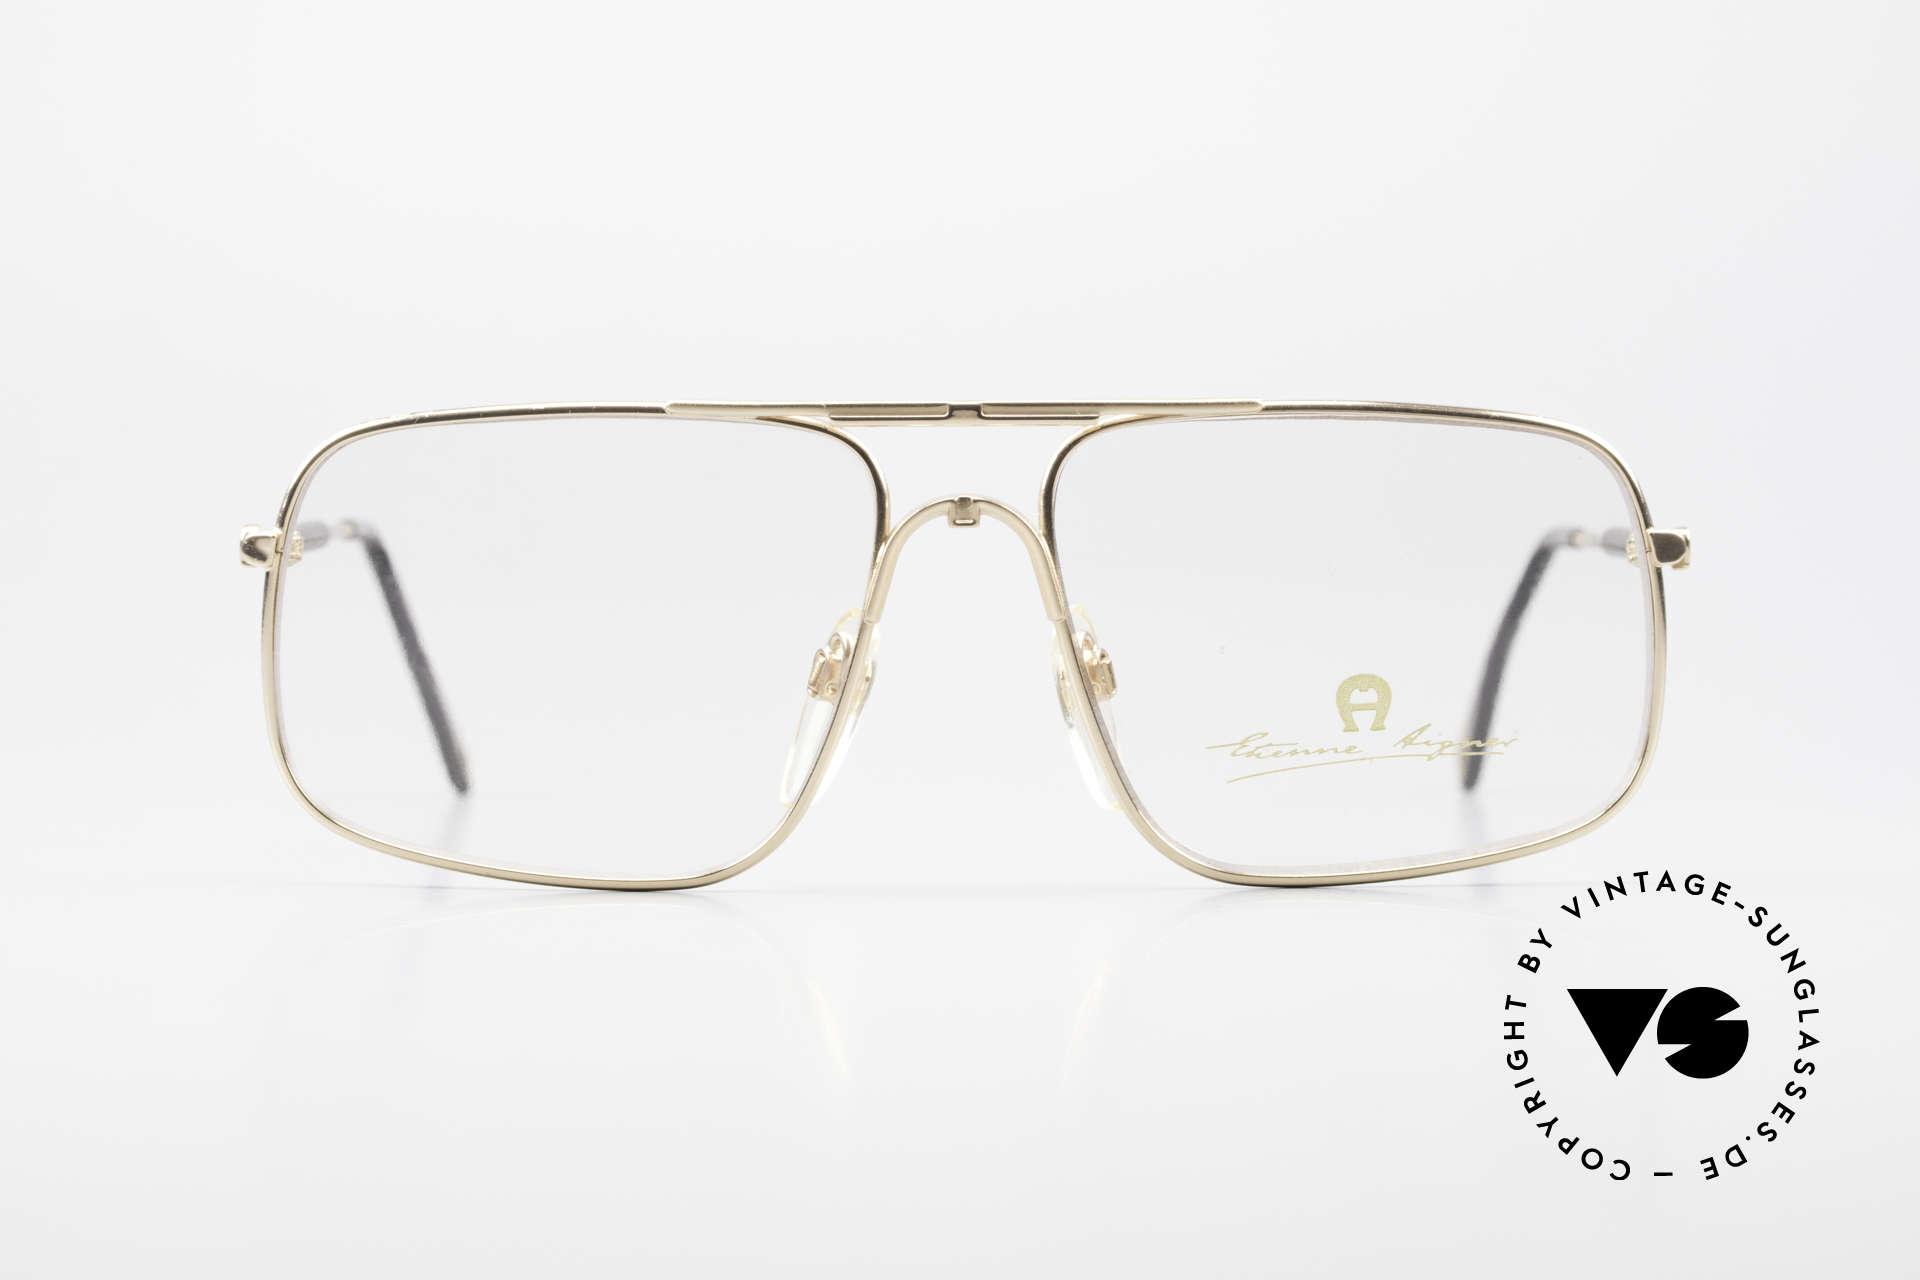 Aigner EA23 Rare 80's Vintage Eyeglasses, mod. EA23, size 58-18, col. 021 (gold-plated / black), Made for Men